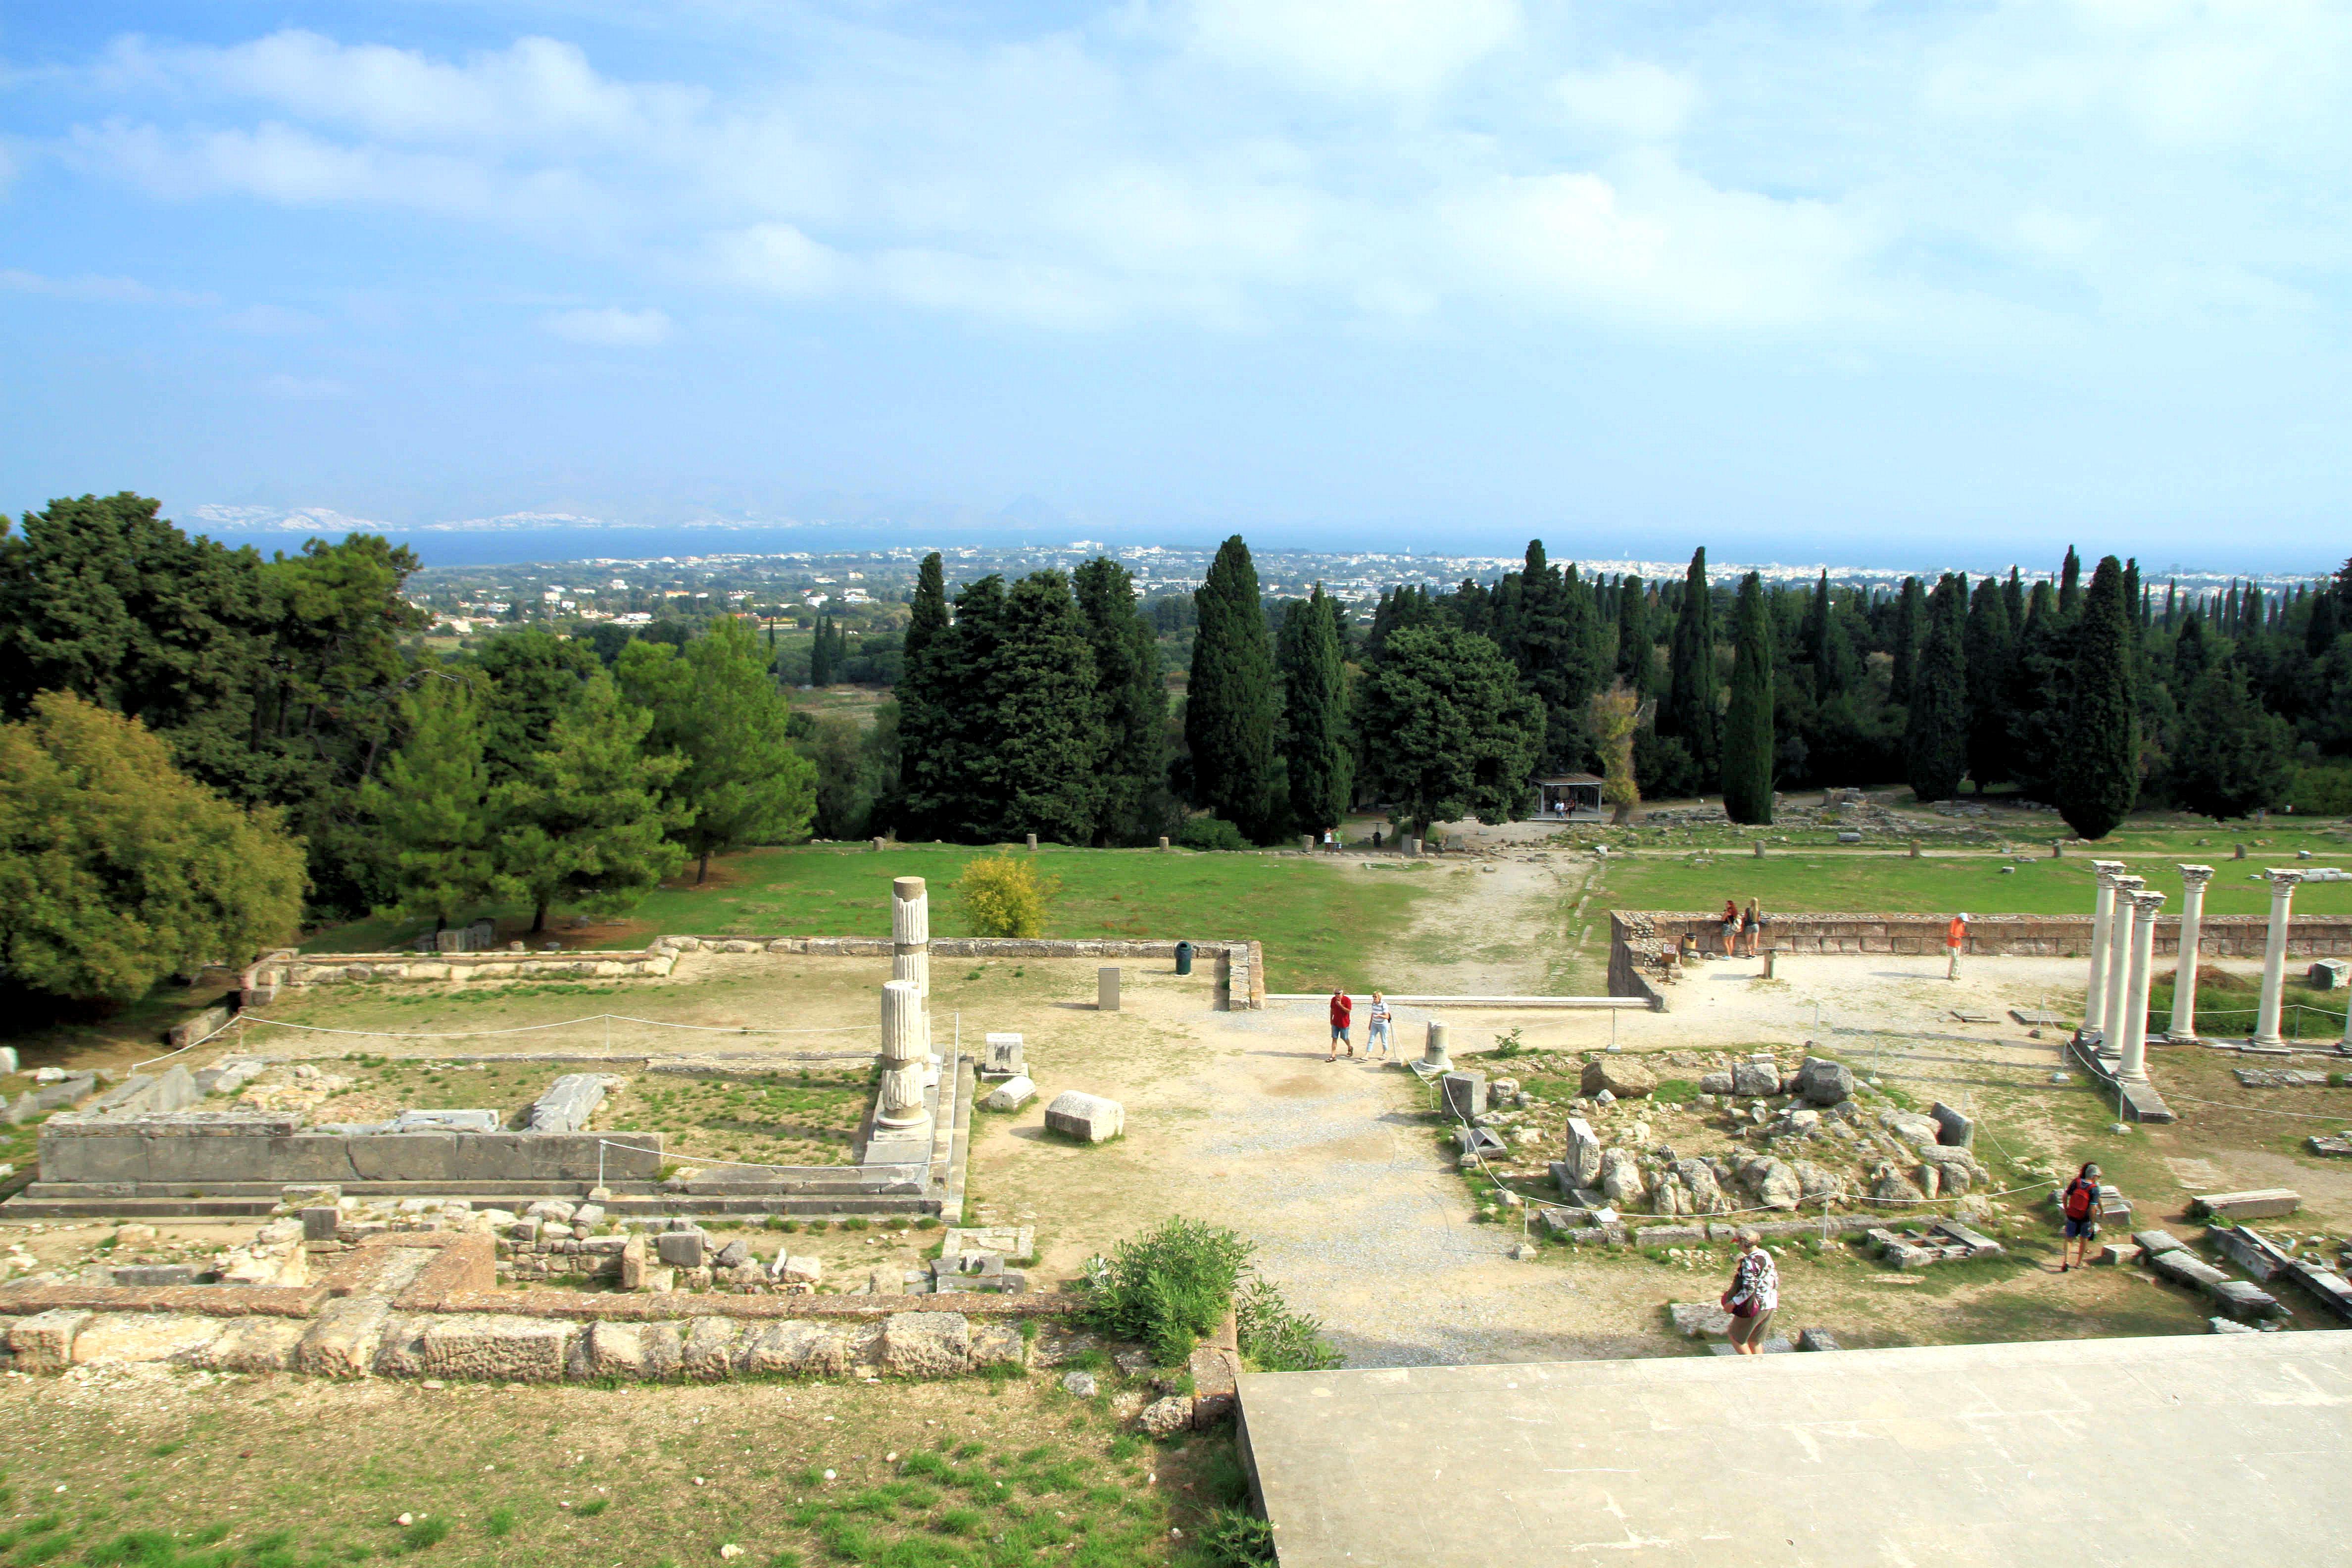 Asklepion on ehkä Kosin tunnetuin nähtävyys. Rauniot sijaitsevat rinteellä, 3,5 kilometrin etäisyydellä pääkaupungista. Asklepion on lääkinnän ja terveyden Asklepius-jumalalle pyhitetty temppeli, joka toimi terveyskeskuksena.